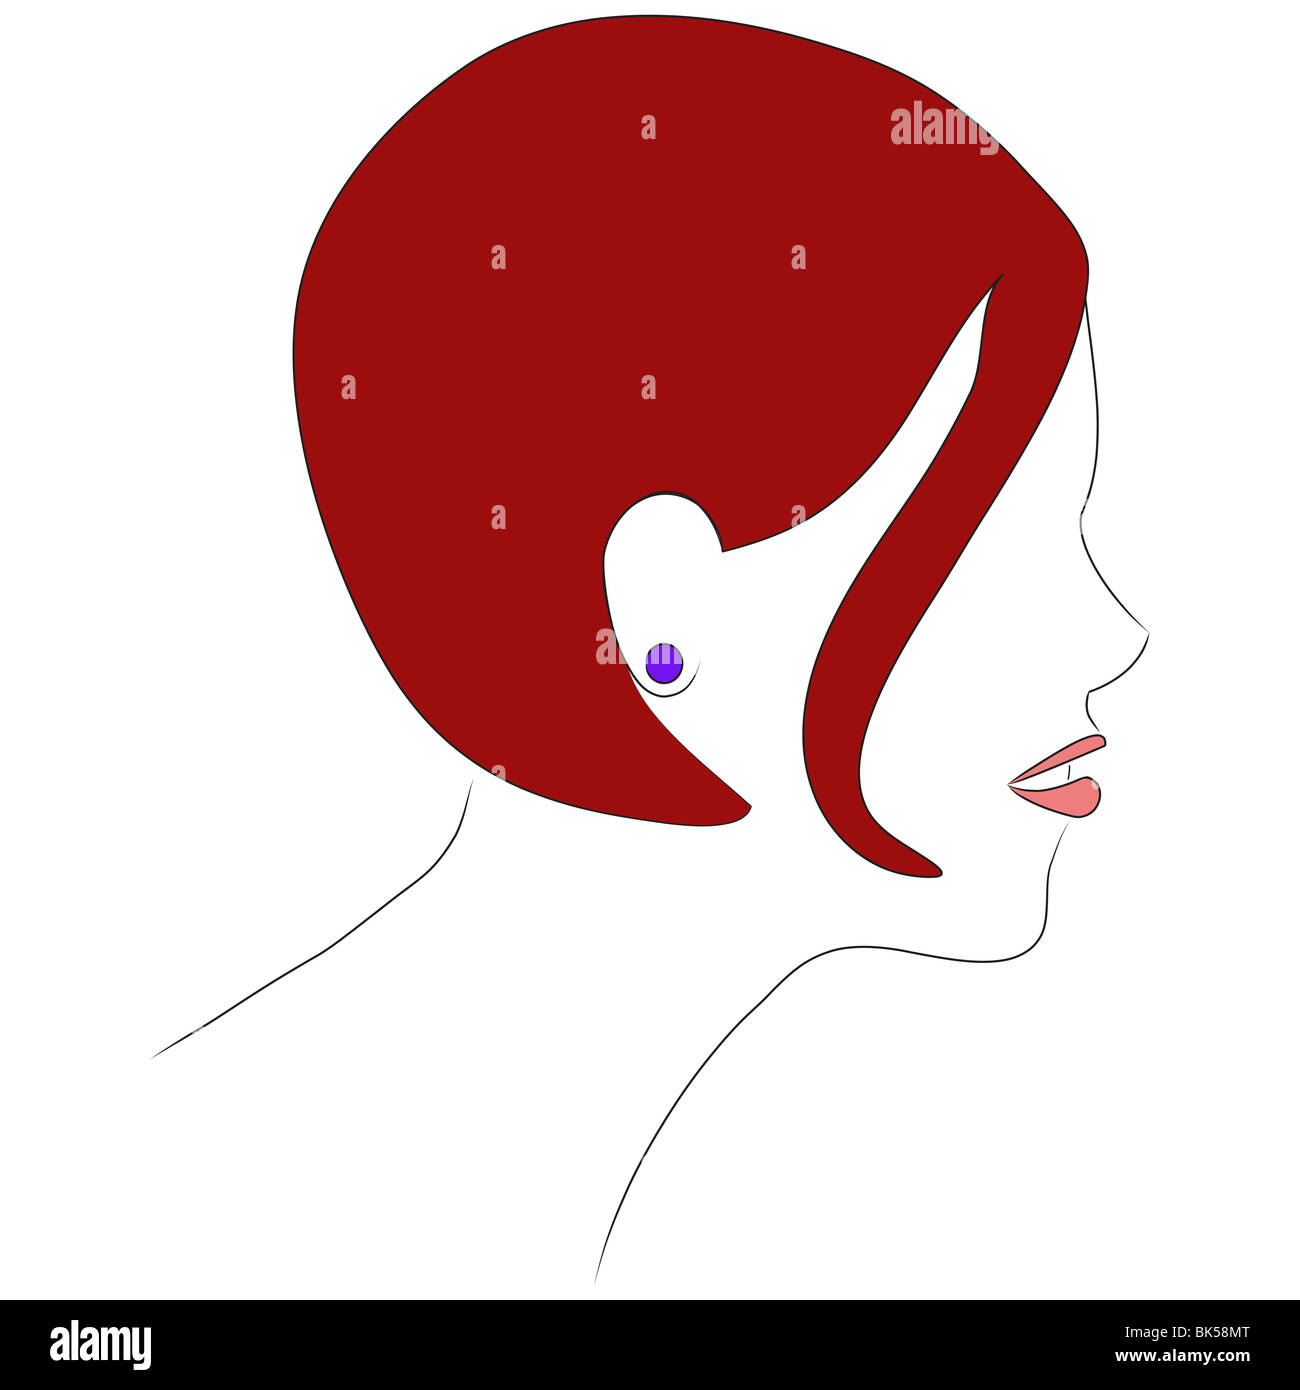 Un profilo illustrazione di una ragazza con corti capelli rossi. È fatto nello stile di un 1060s magazine illustrazione. Immagini Stock